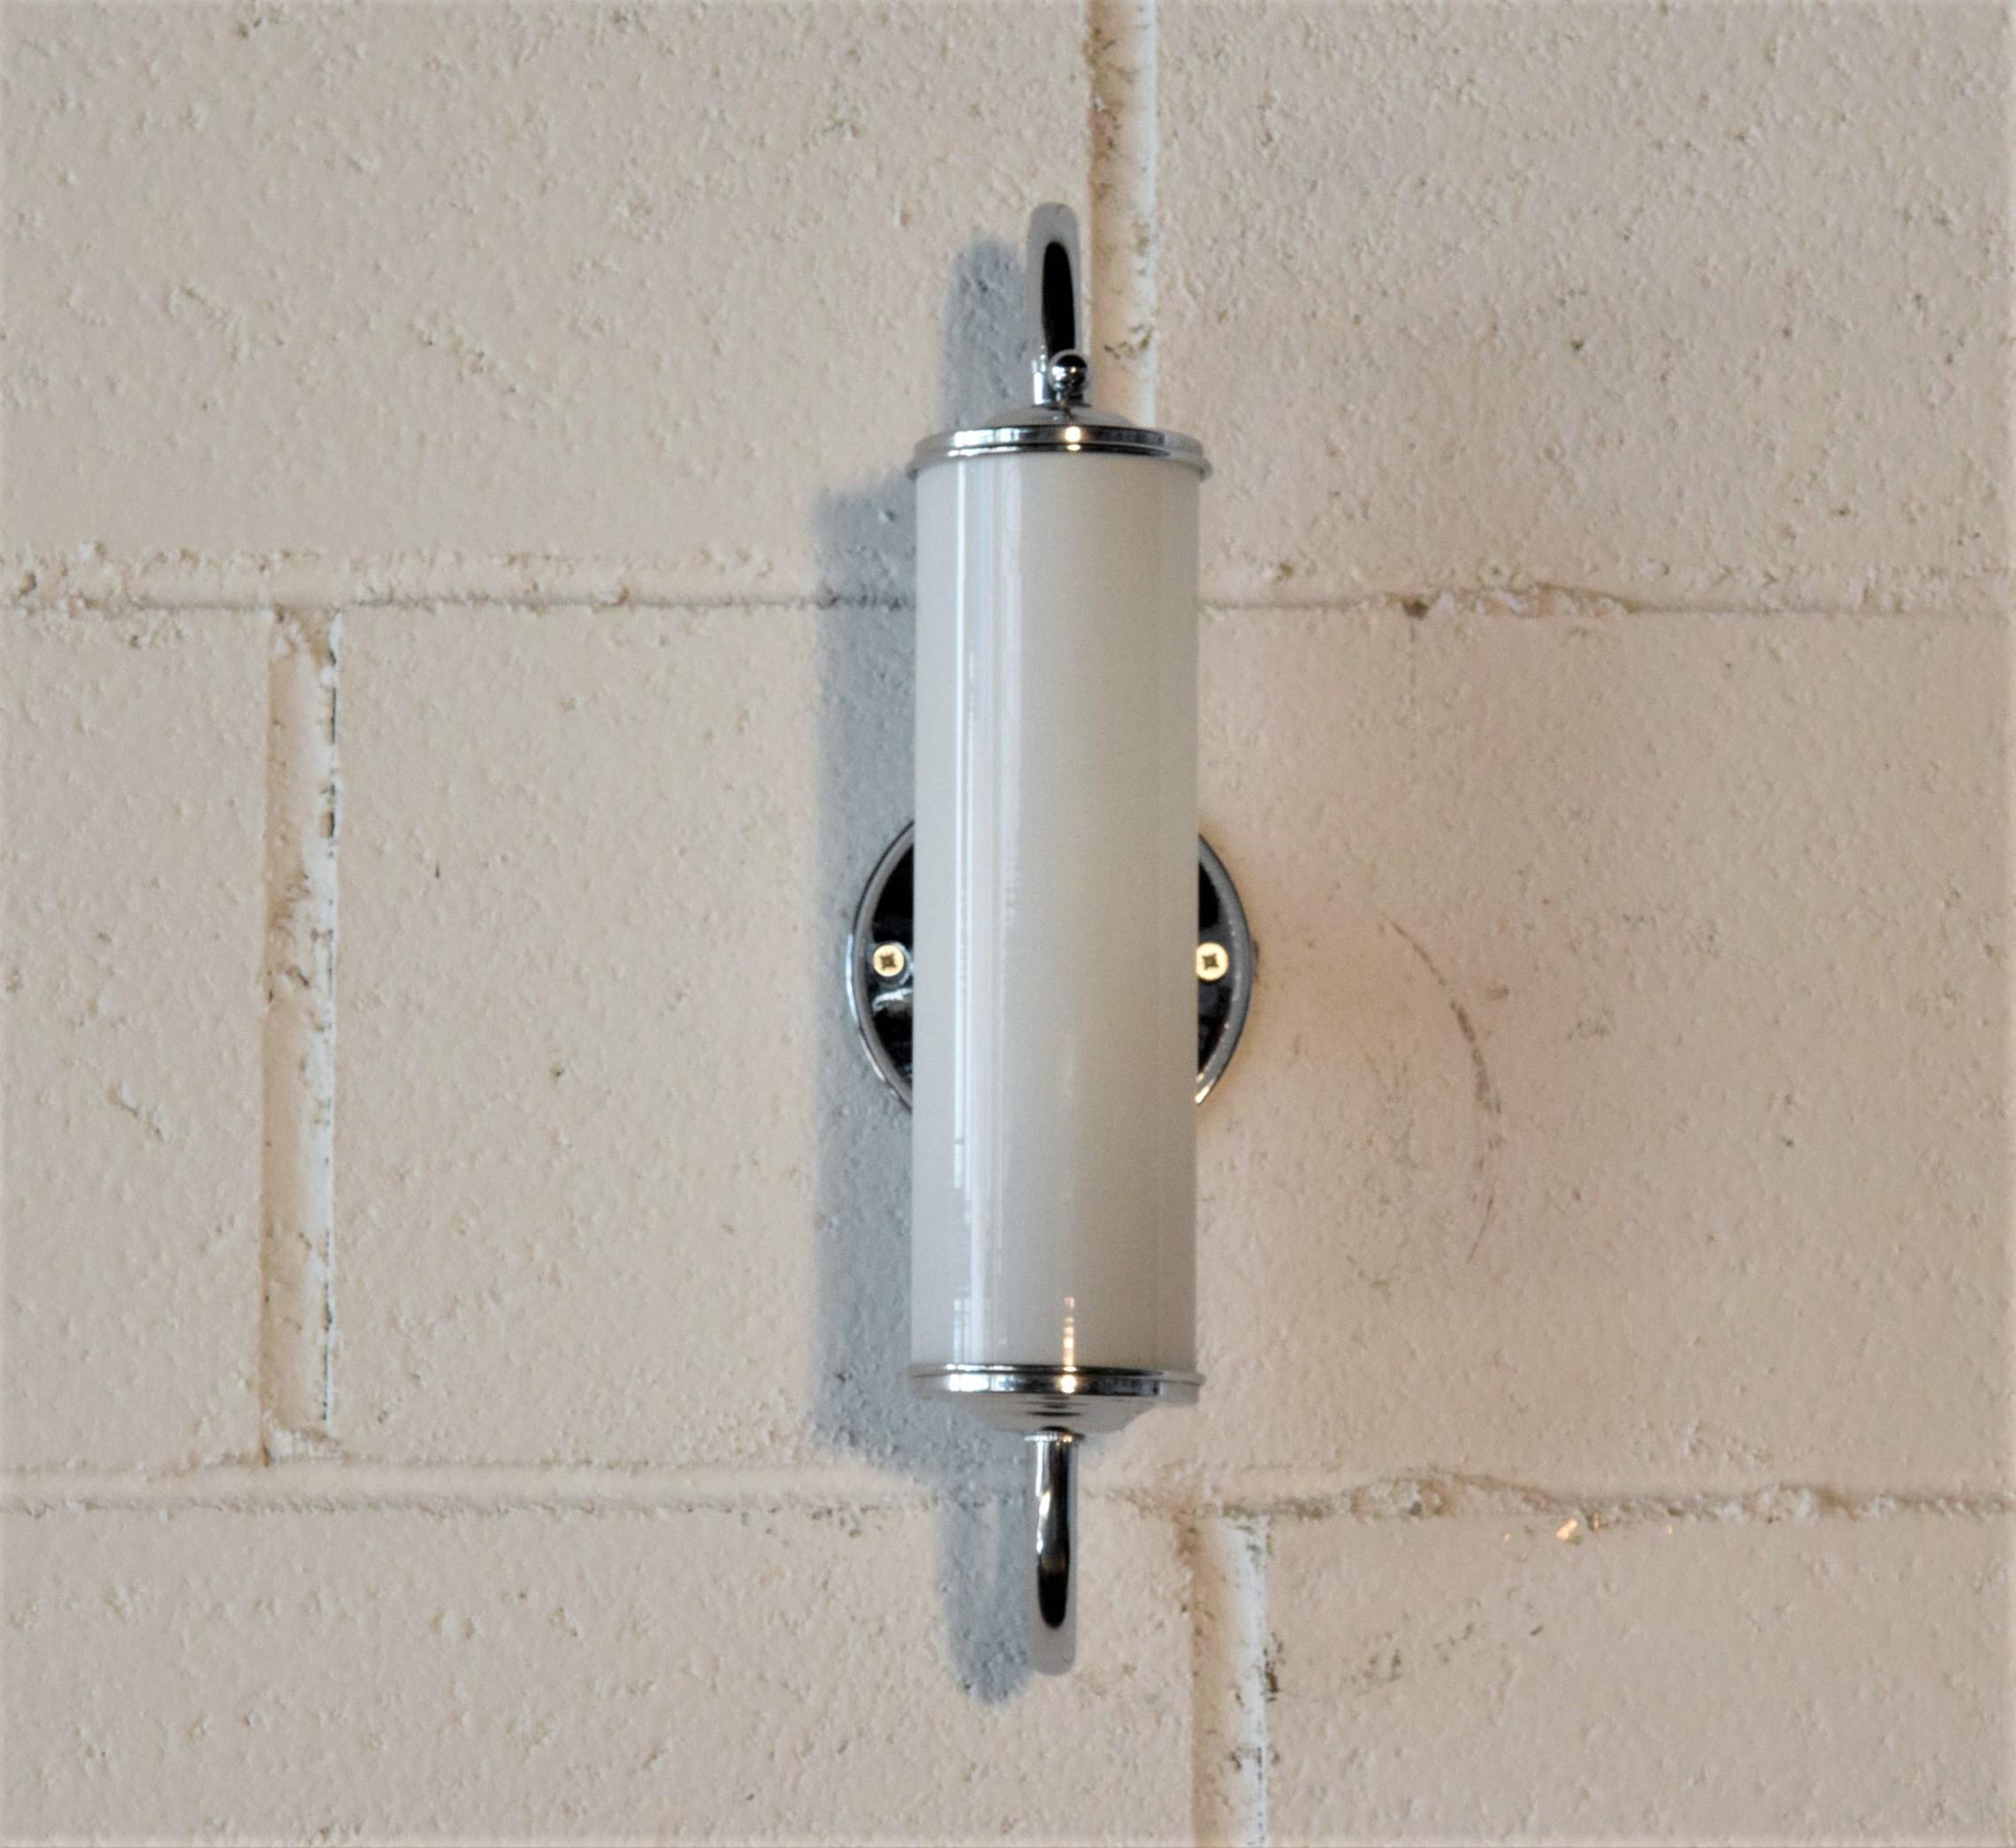 Lampade a parete applique da bagno stile inglese rossi illuminazione vicenza - Lampade da bagno a parete ...